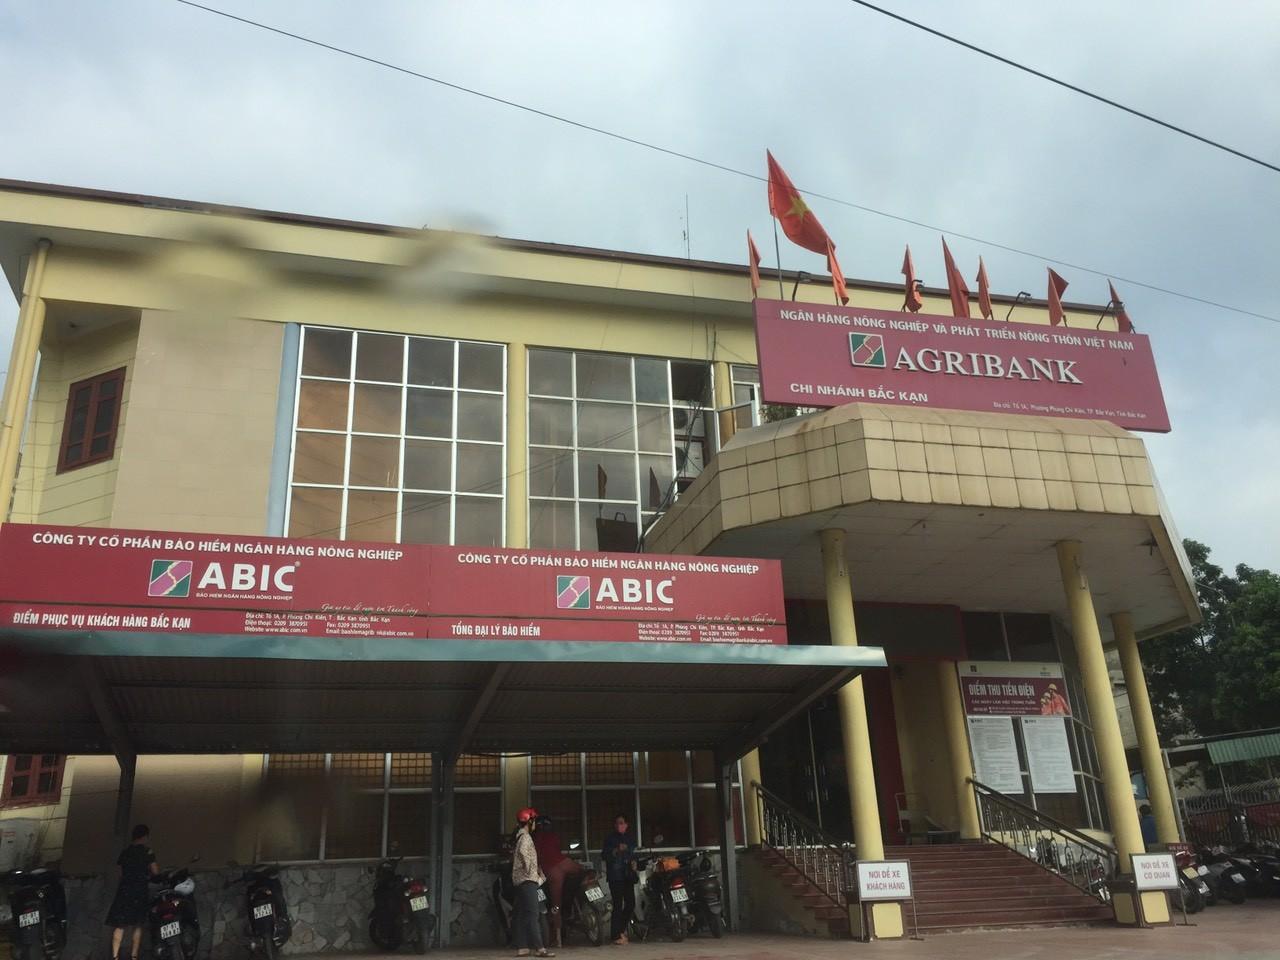 abic-cong-ty-co-phan-bao-hiem-ngan-hang-nong-nghiep-1627362510.jpg